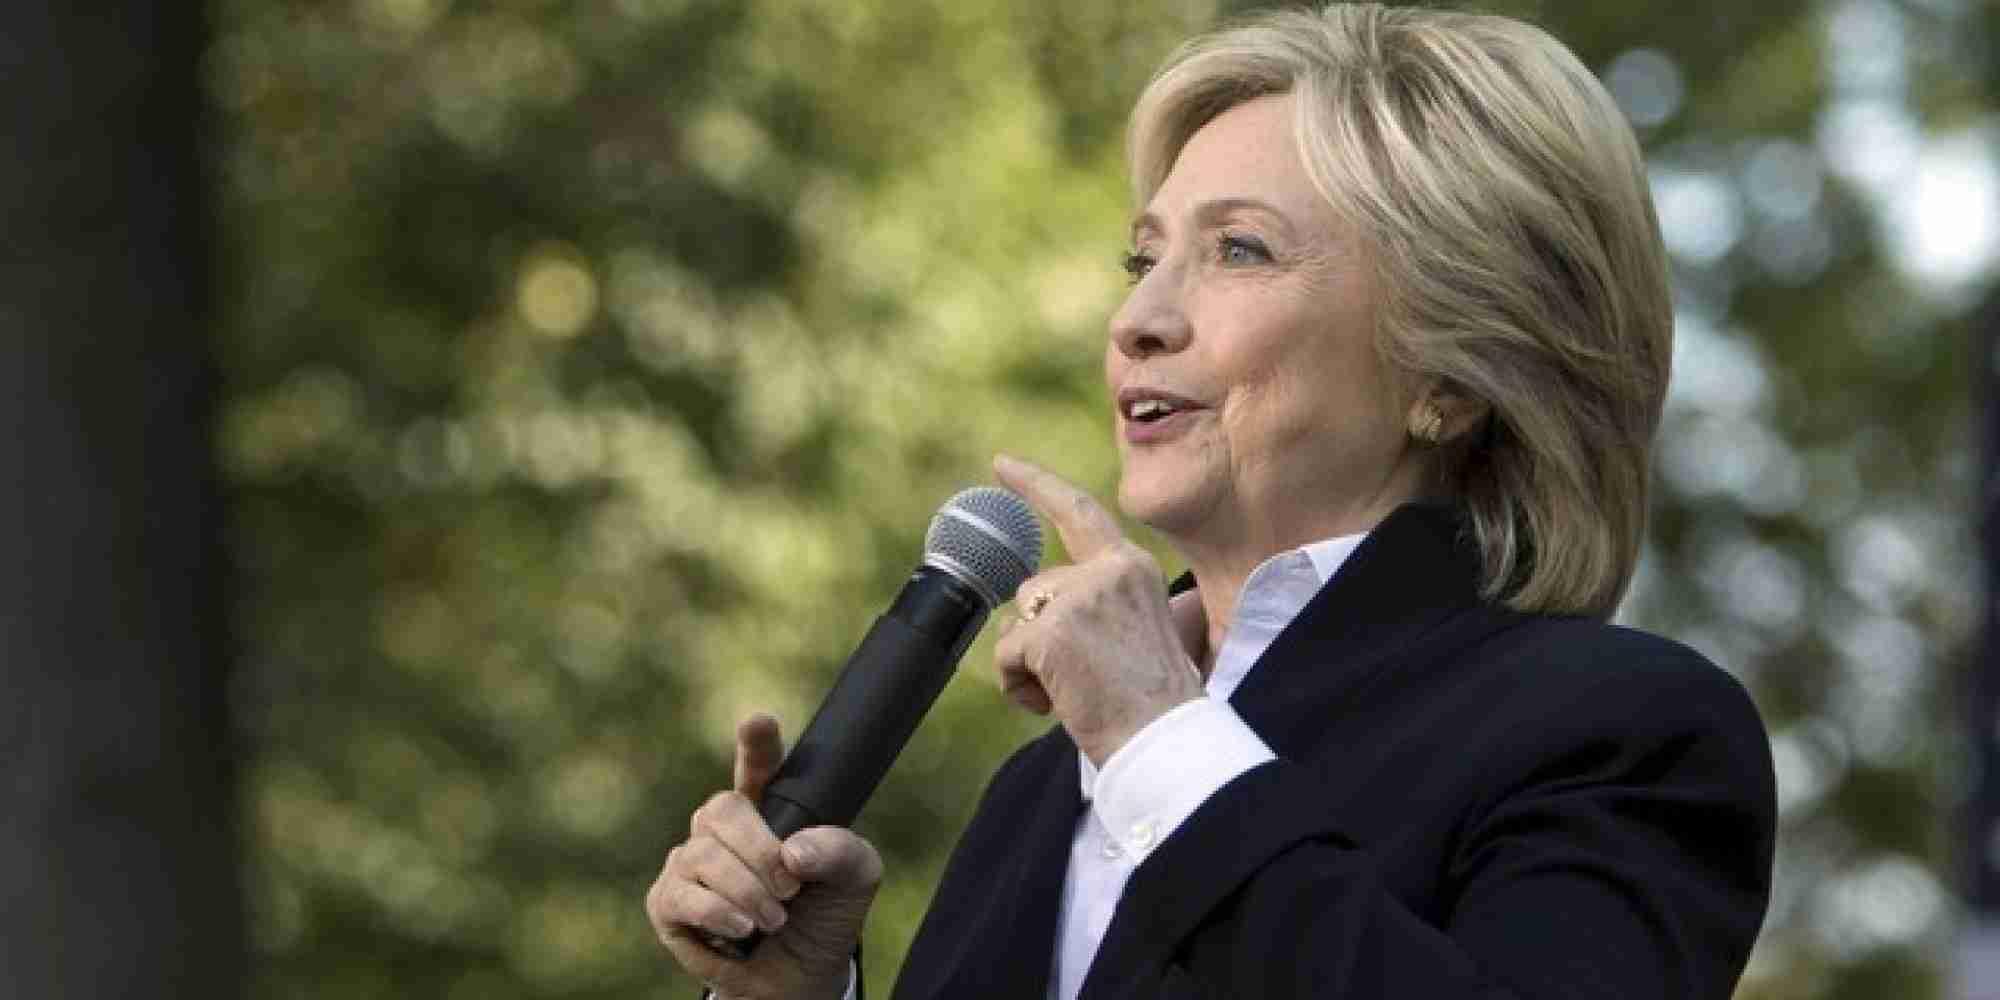 ヒラリー・クリントン氏「TPPを支持しない」 その背景は?